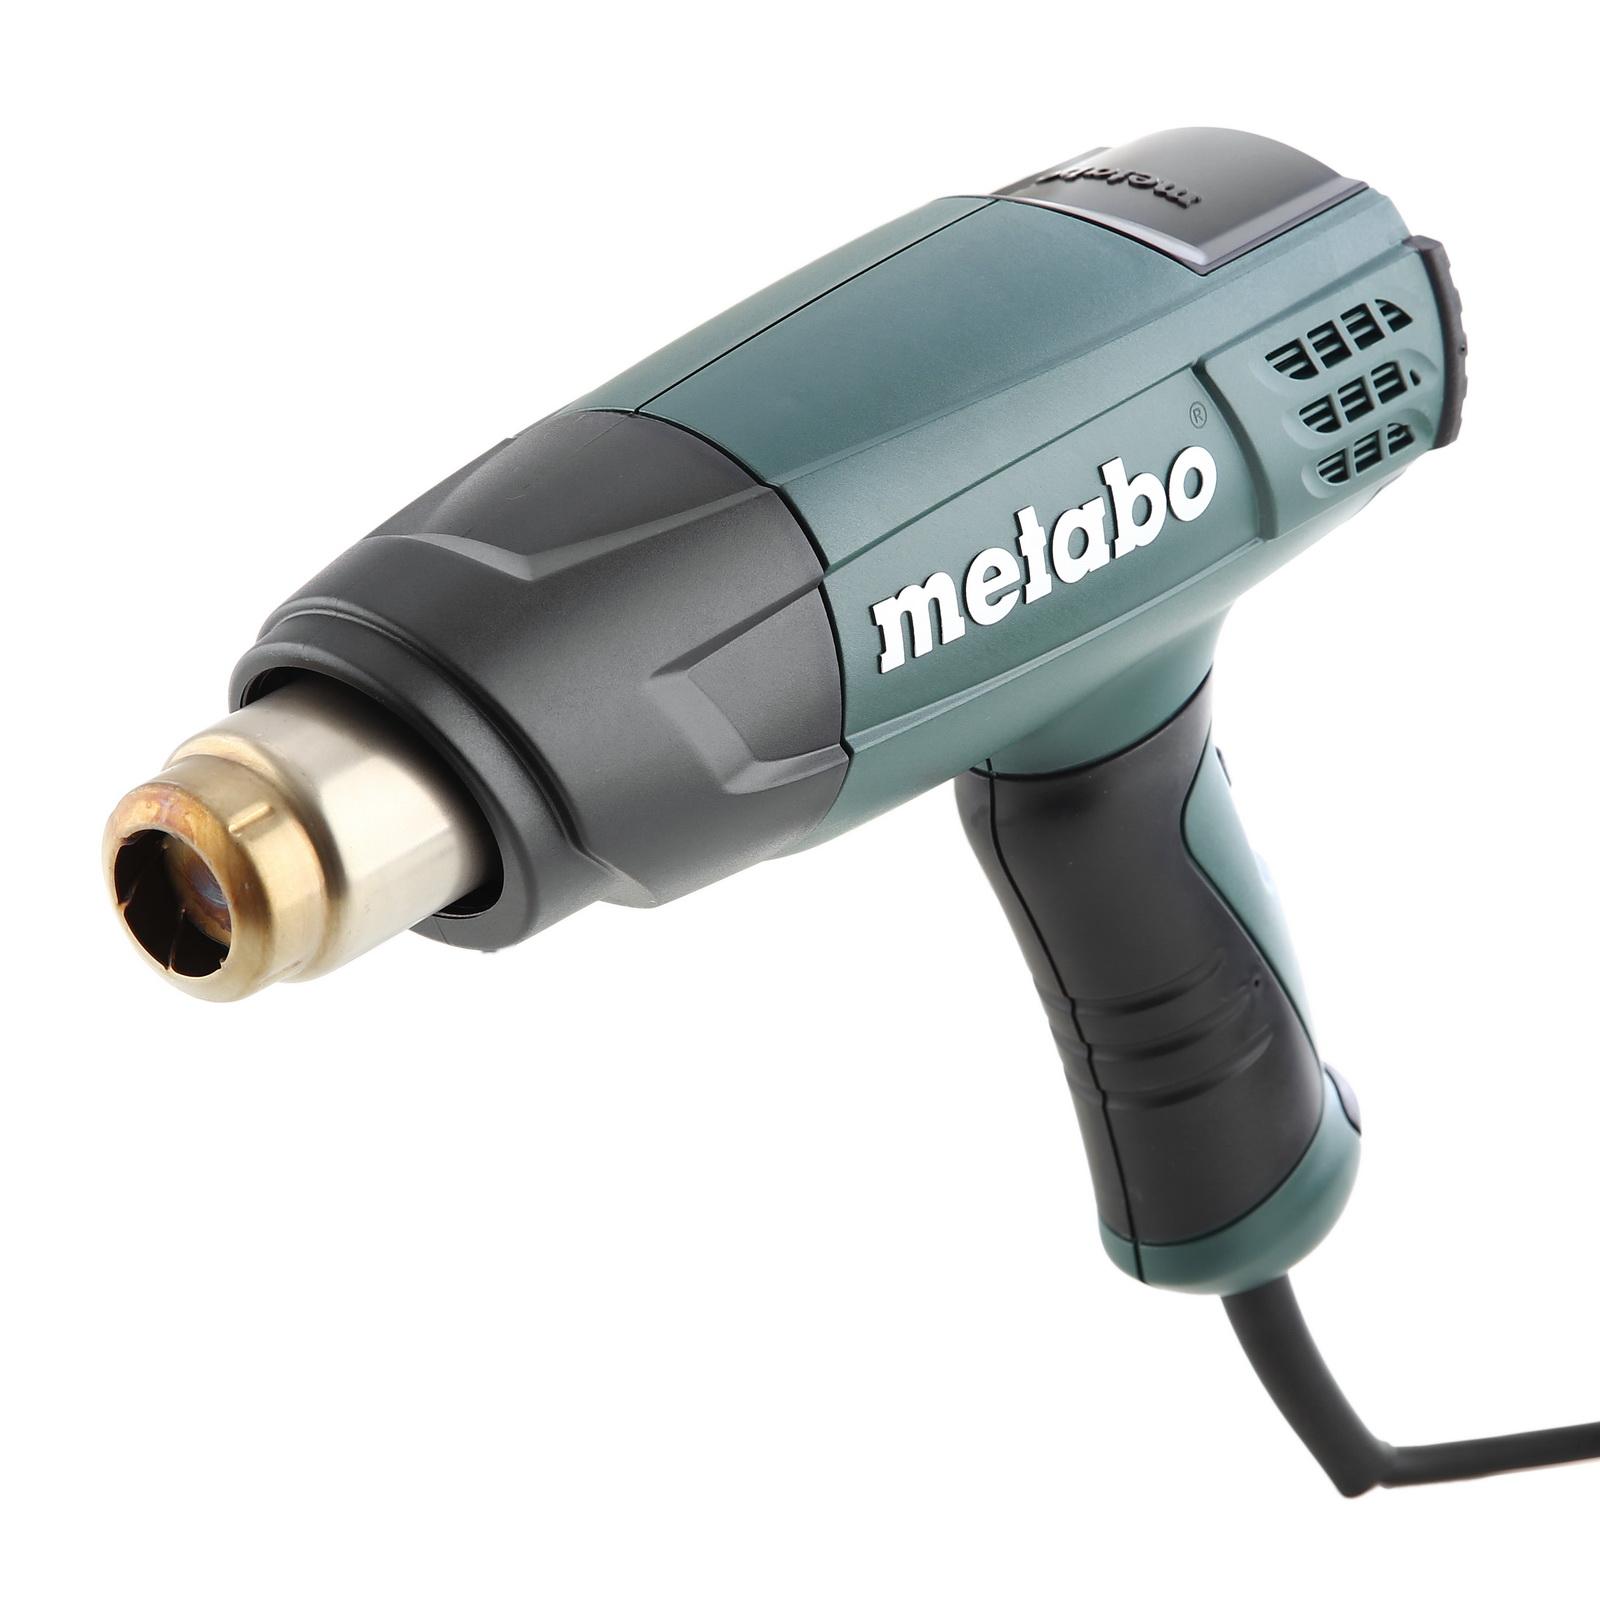 Купить со скидкой Фен технический Metabo He 23-650 control (602365500)